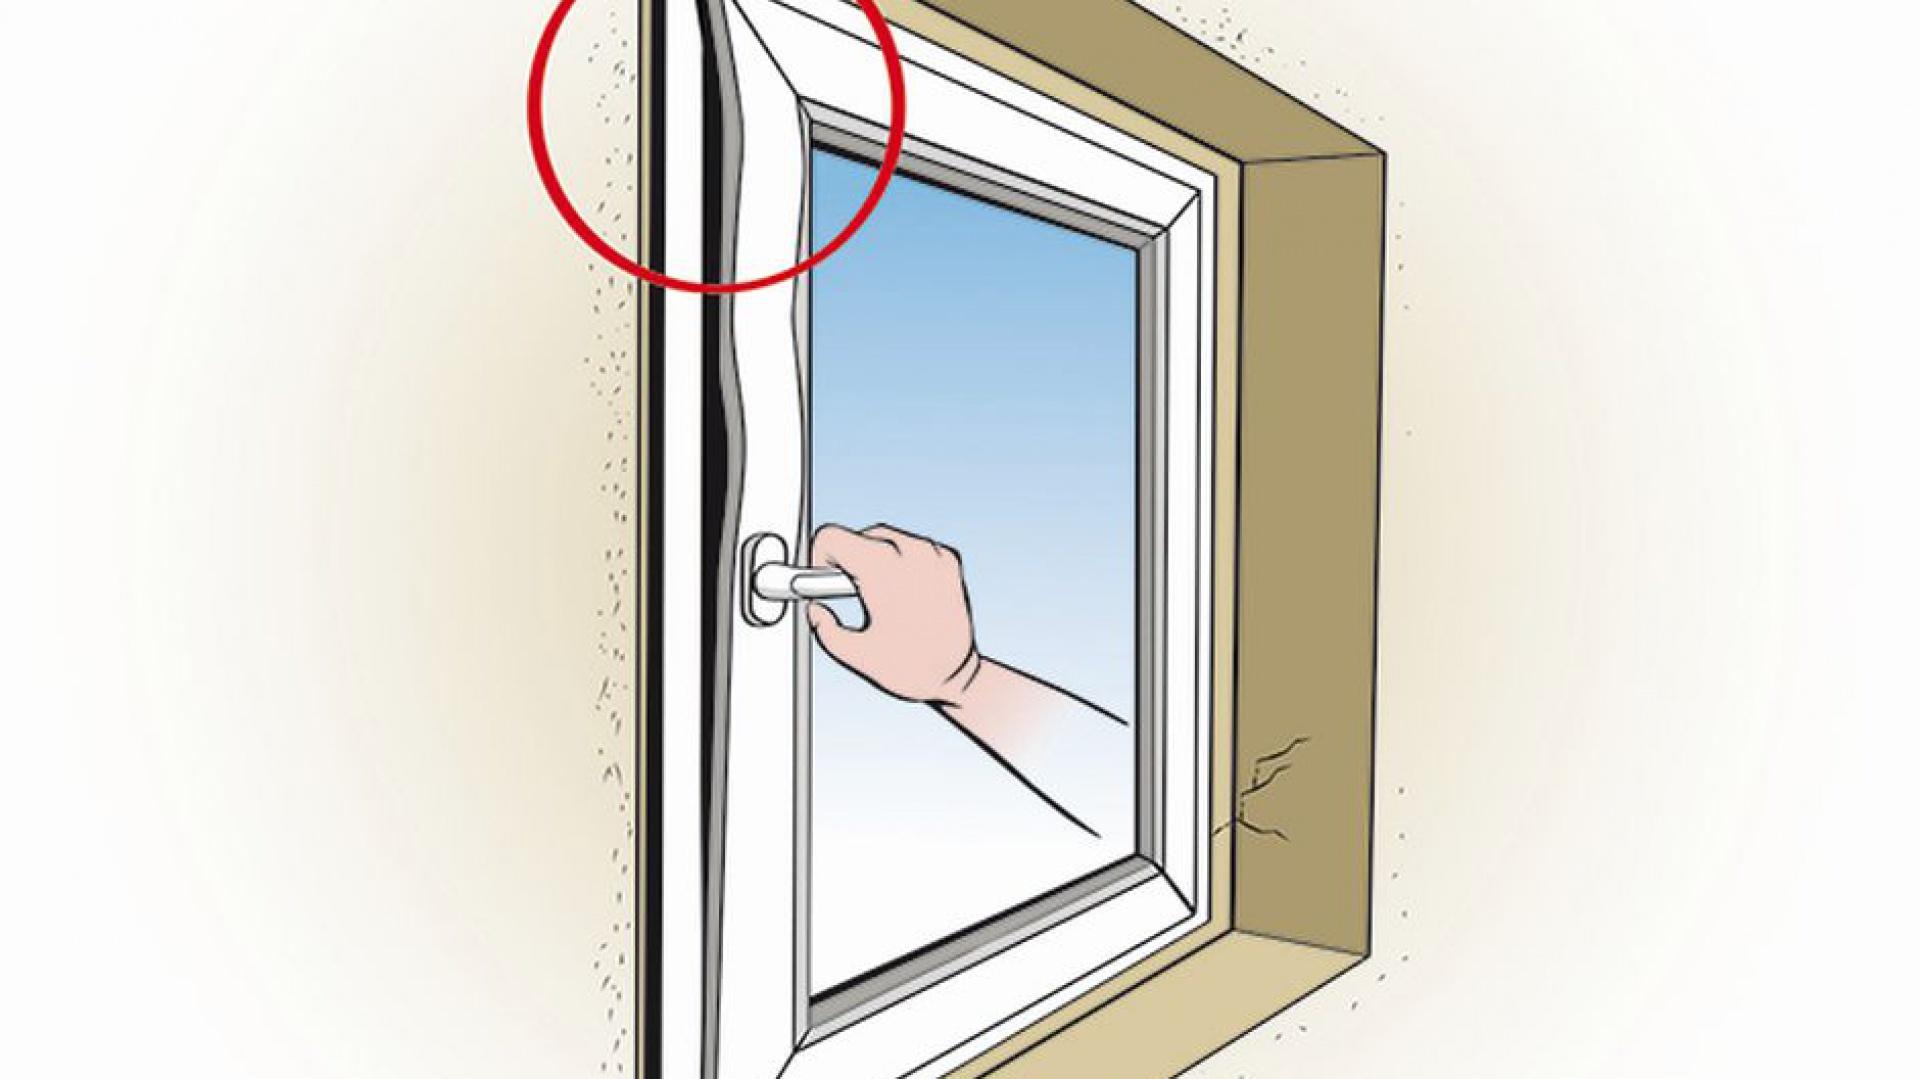 дефект окна